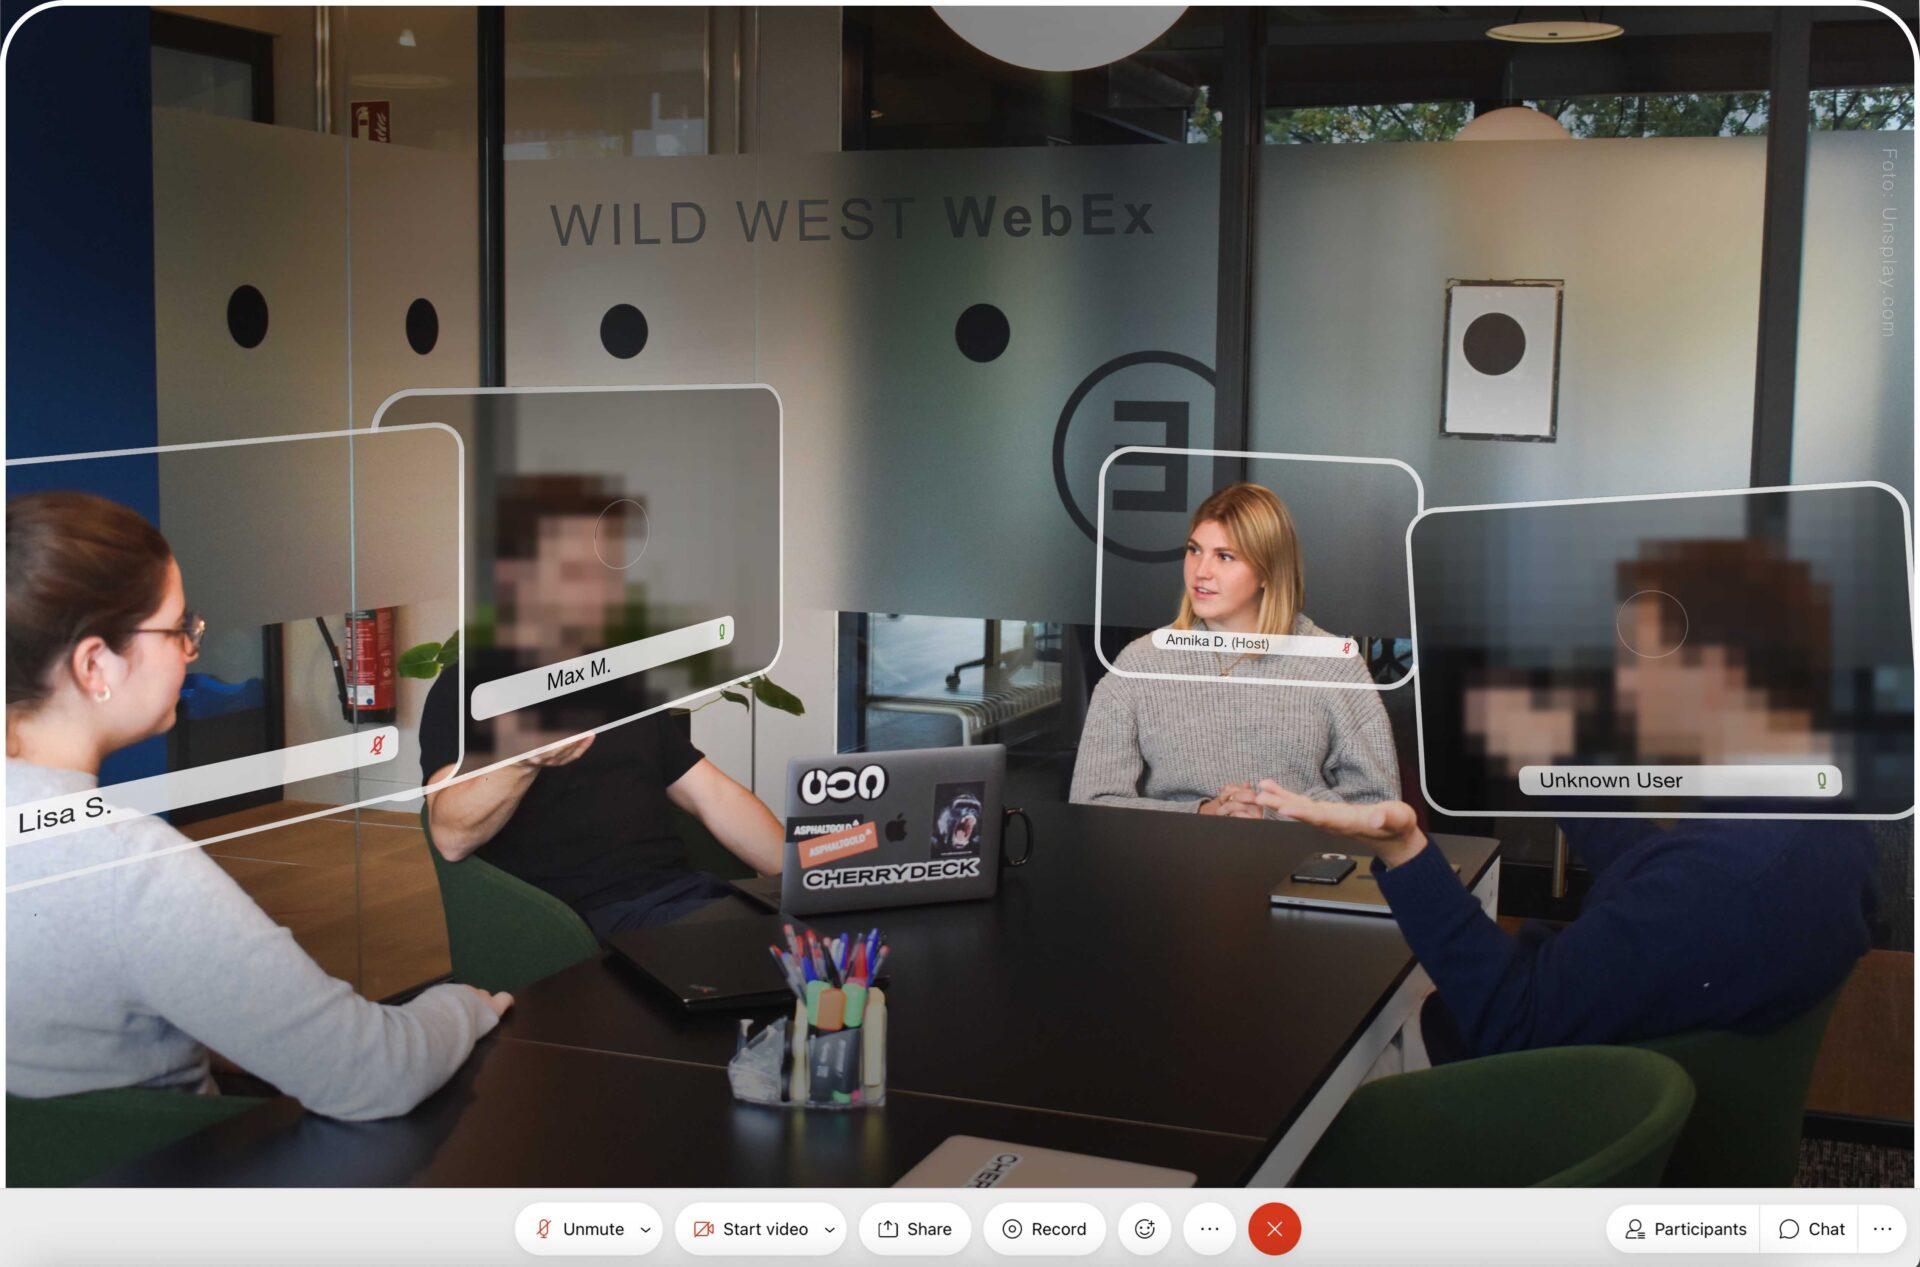 Mit wem spreche ich eigentlich gerade? Bei der Kommunikation über Webex ist dies nicht immer klar. Foto: Unsplash, Montage: Johannes Bauer